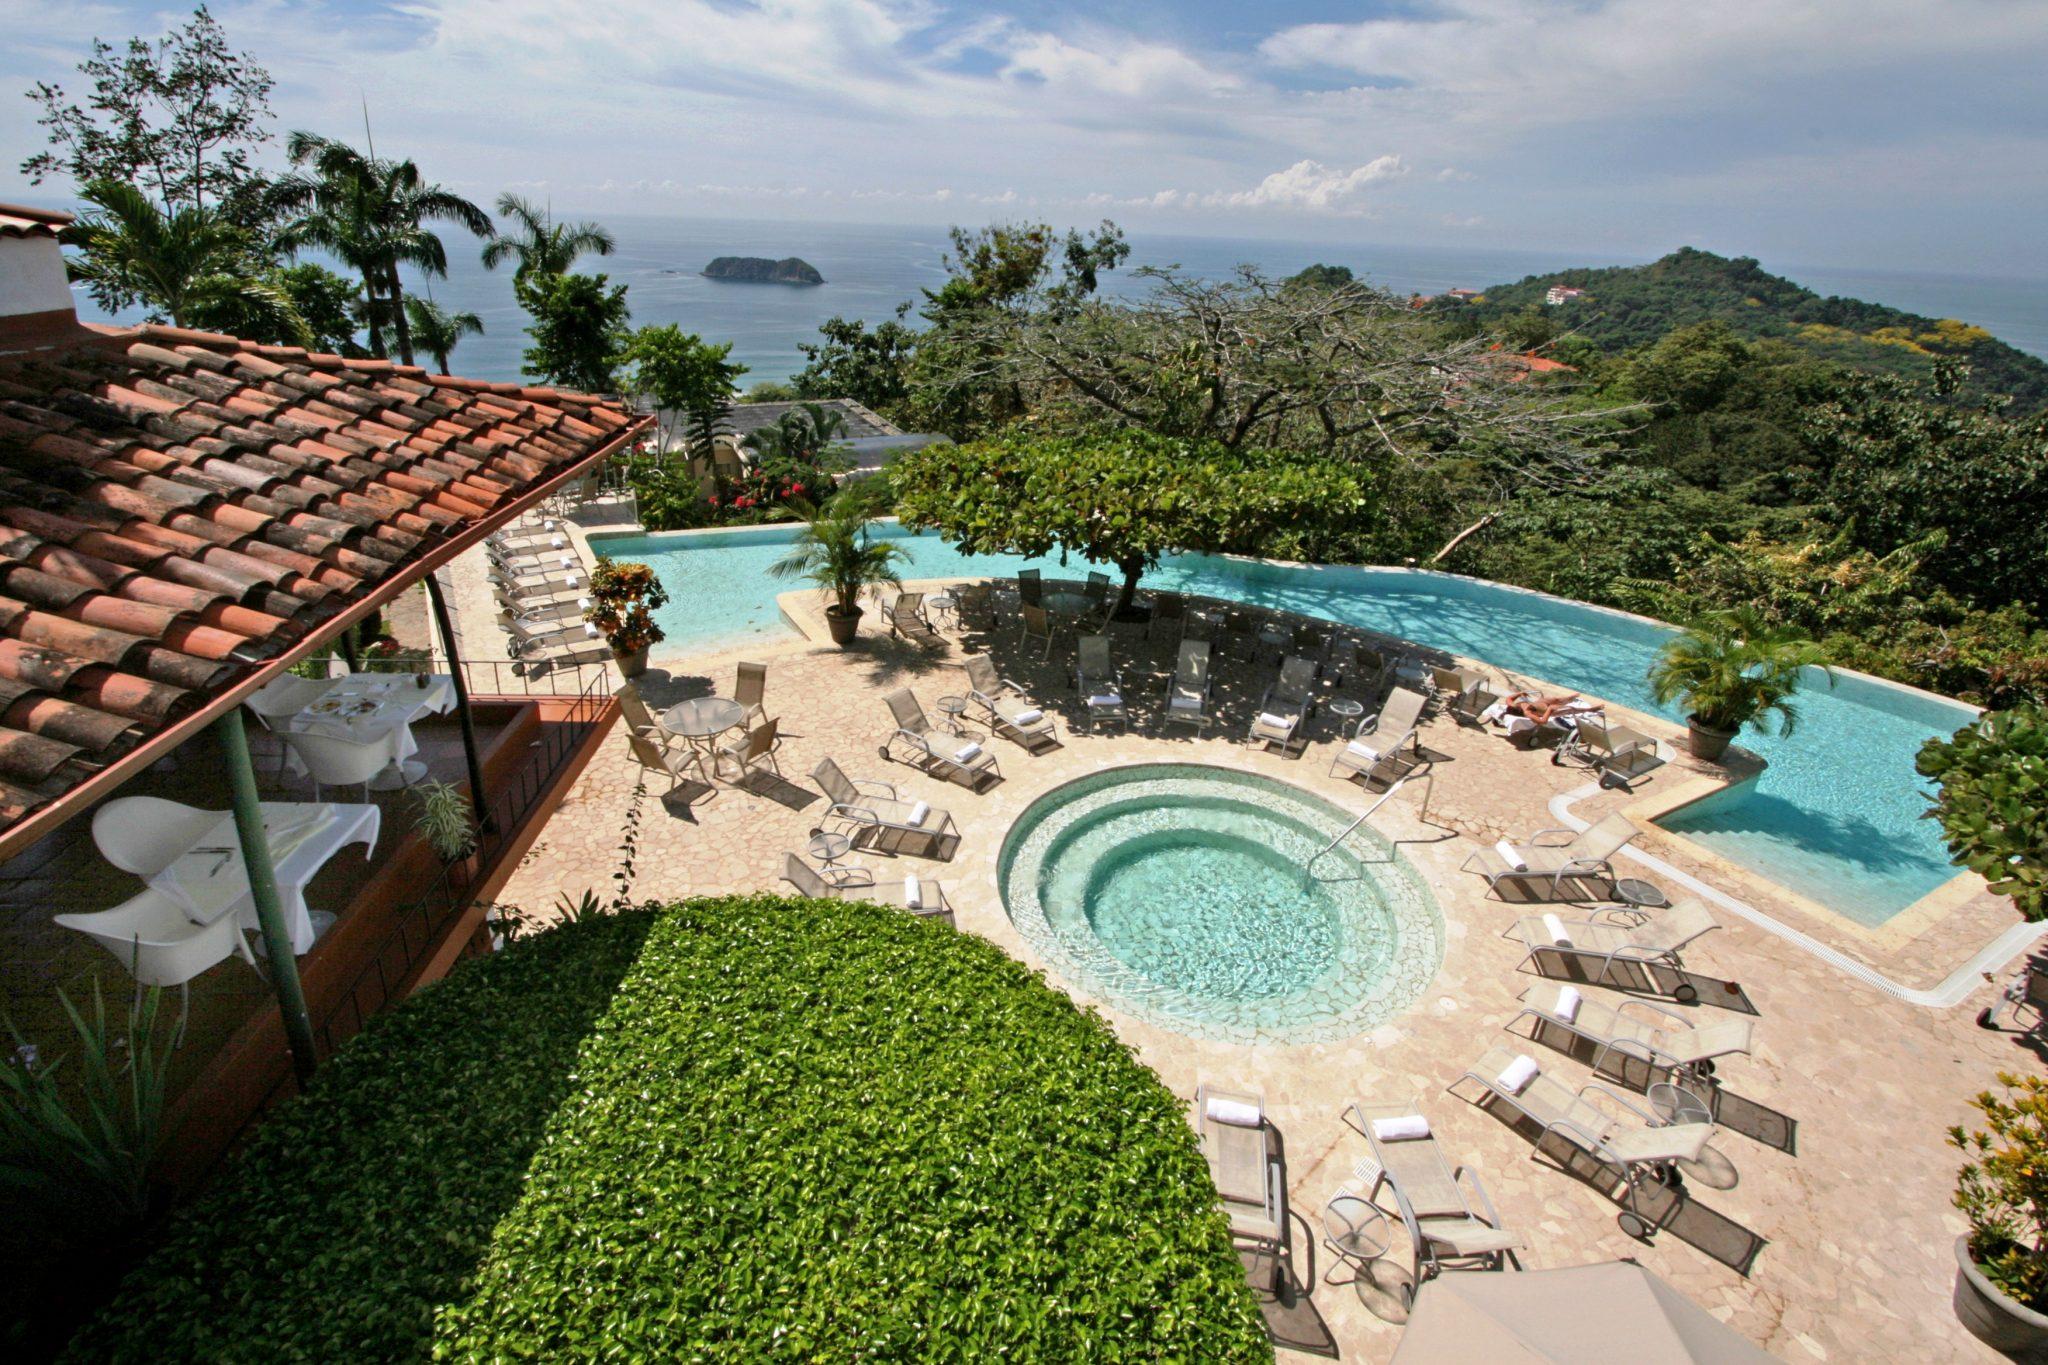 buscas-los-mejores-lugares-para-quedarse-en-costa-rica